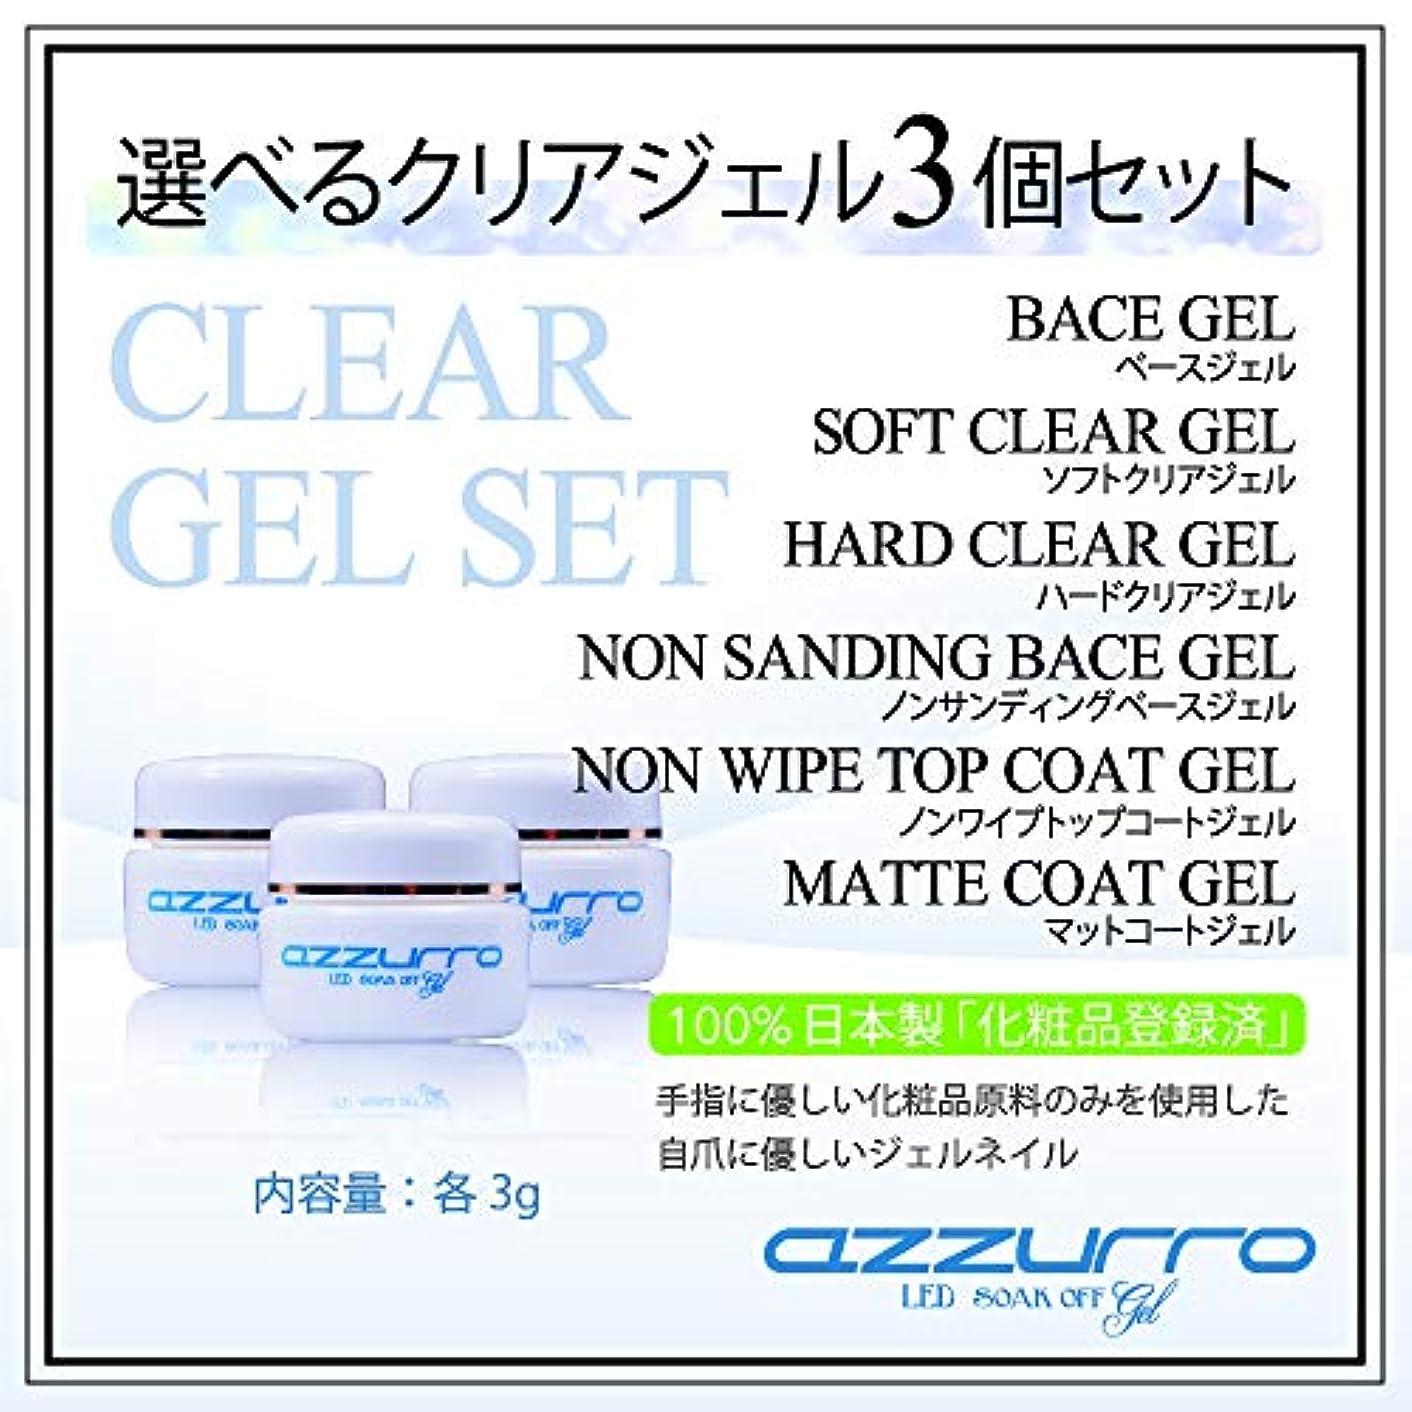 性的強化する閉塞azzurro gel アッズーロ選べるクリアージェル お得な3個セット